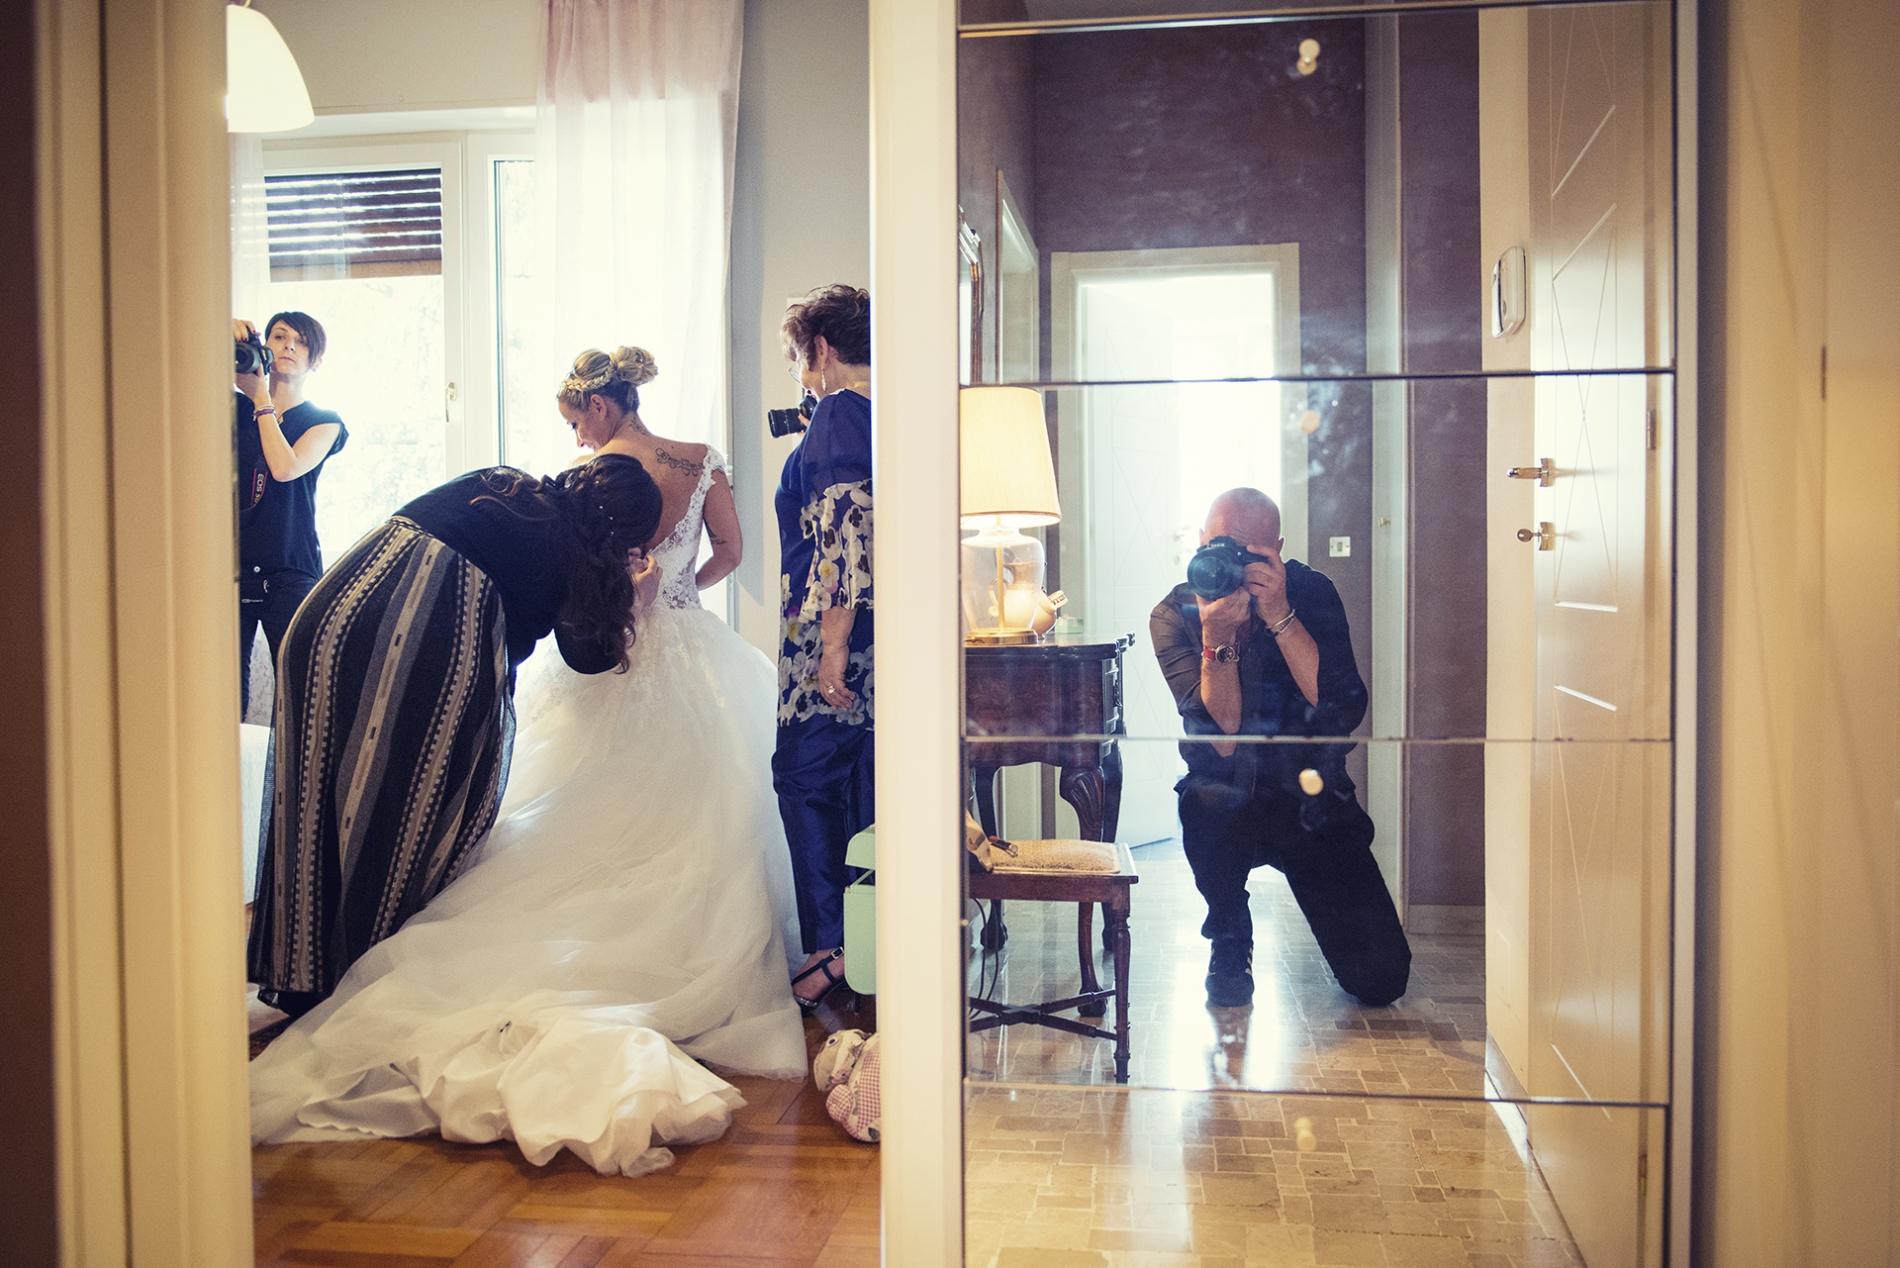 Milano Milano photographe travaillant à un mariage.